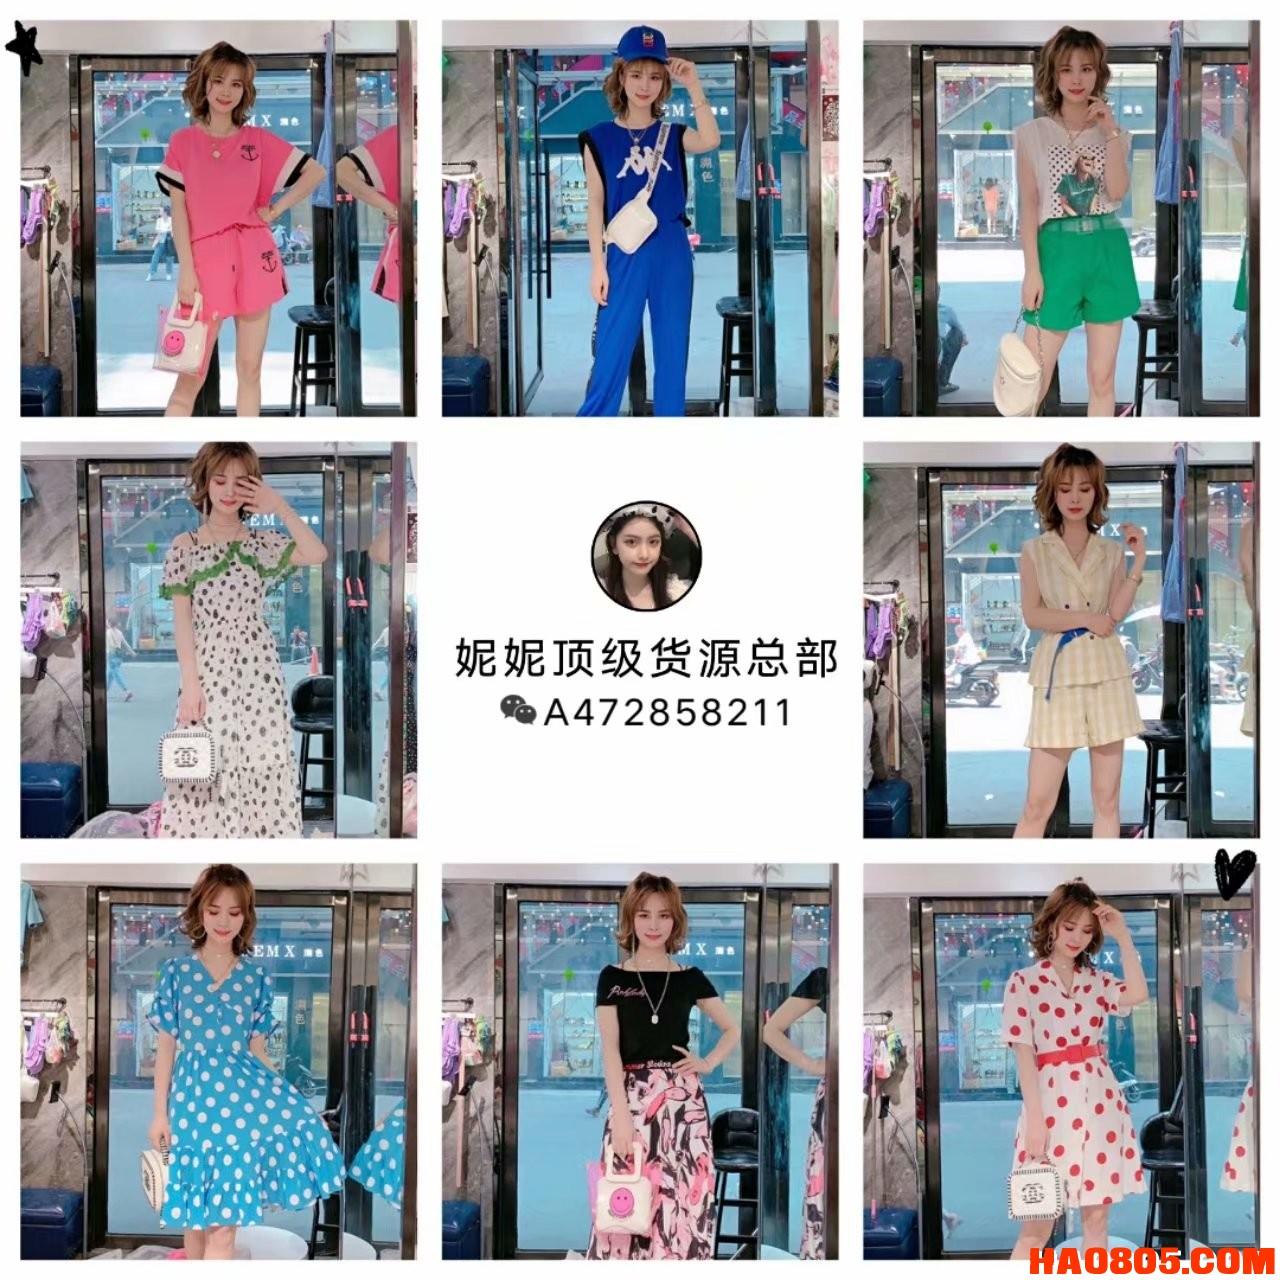 宝妈上班族看过来!最赚钱方式童装女装最全厂家货源 109058